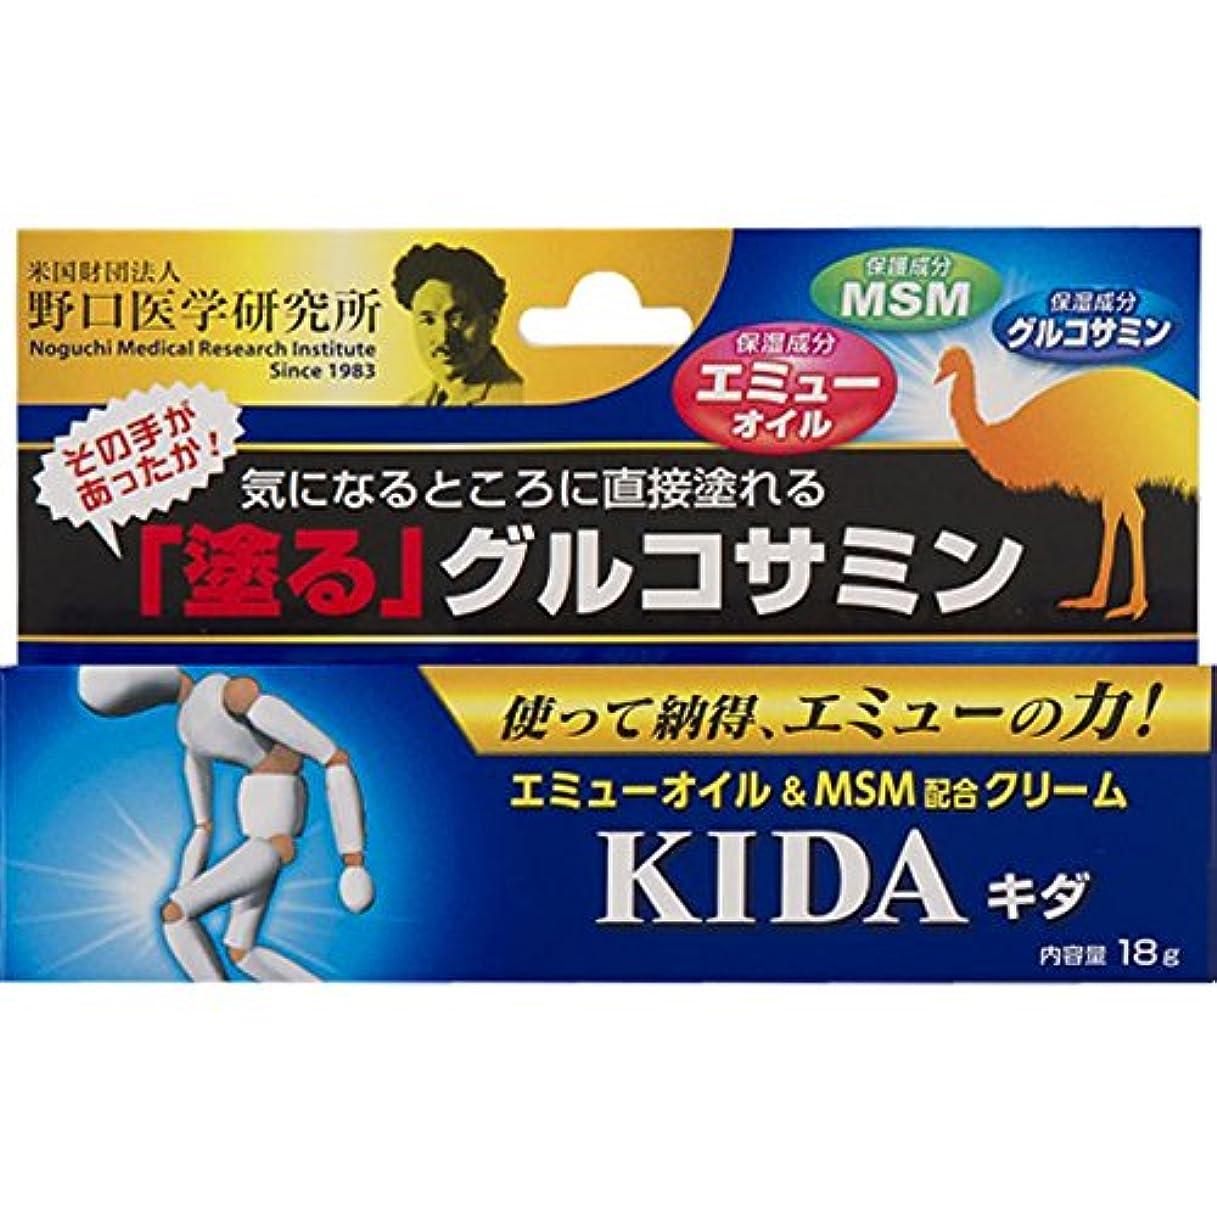 クラシック勇気のあるうなずくキダ エミューオイル&MSM配合クリーム(18g)